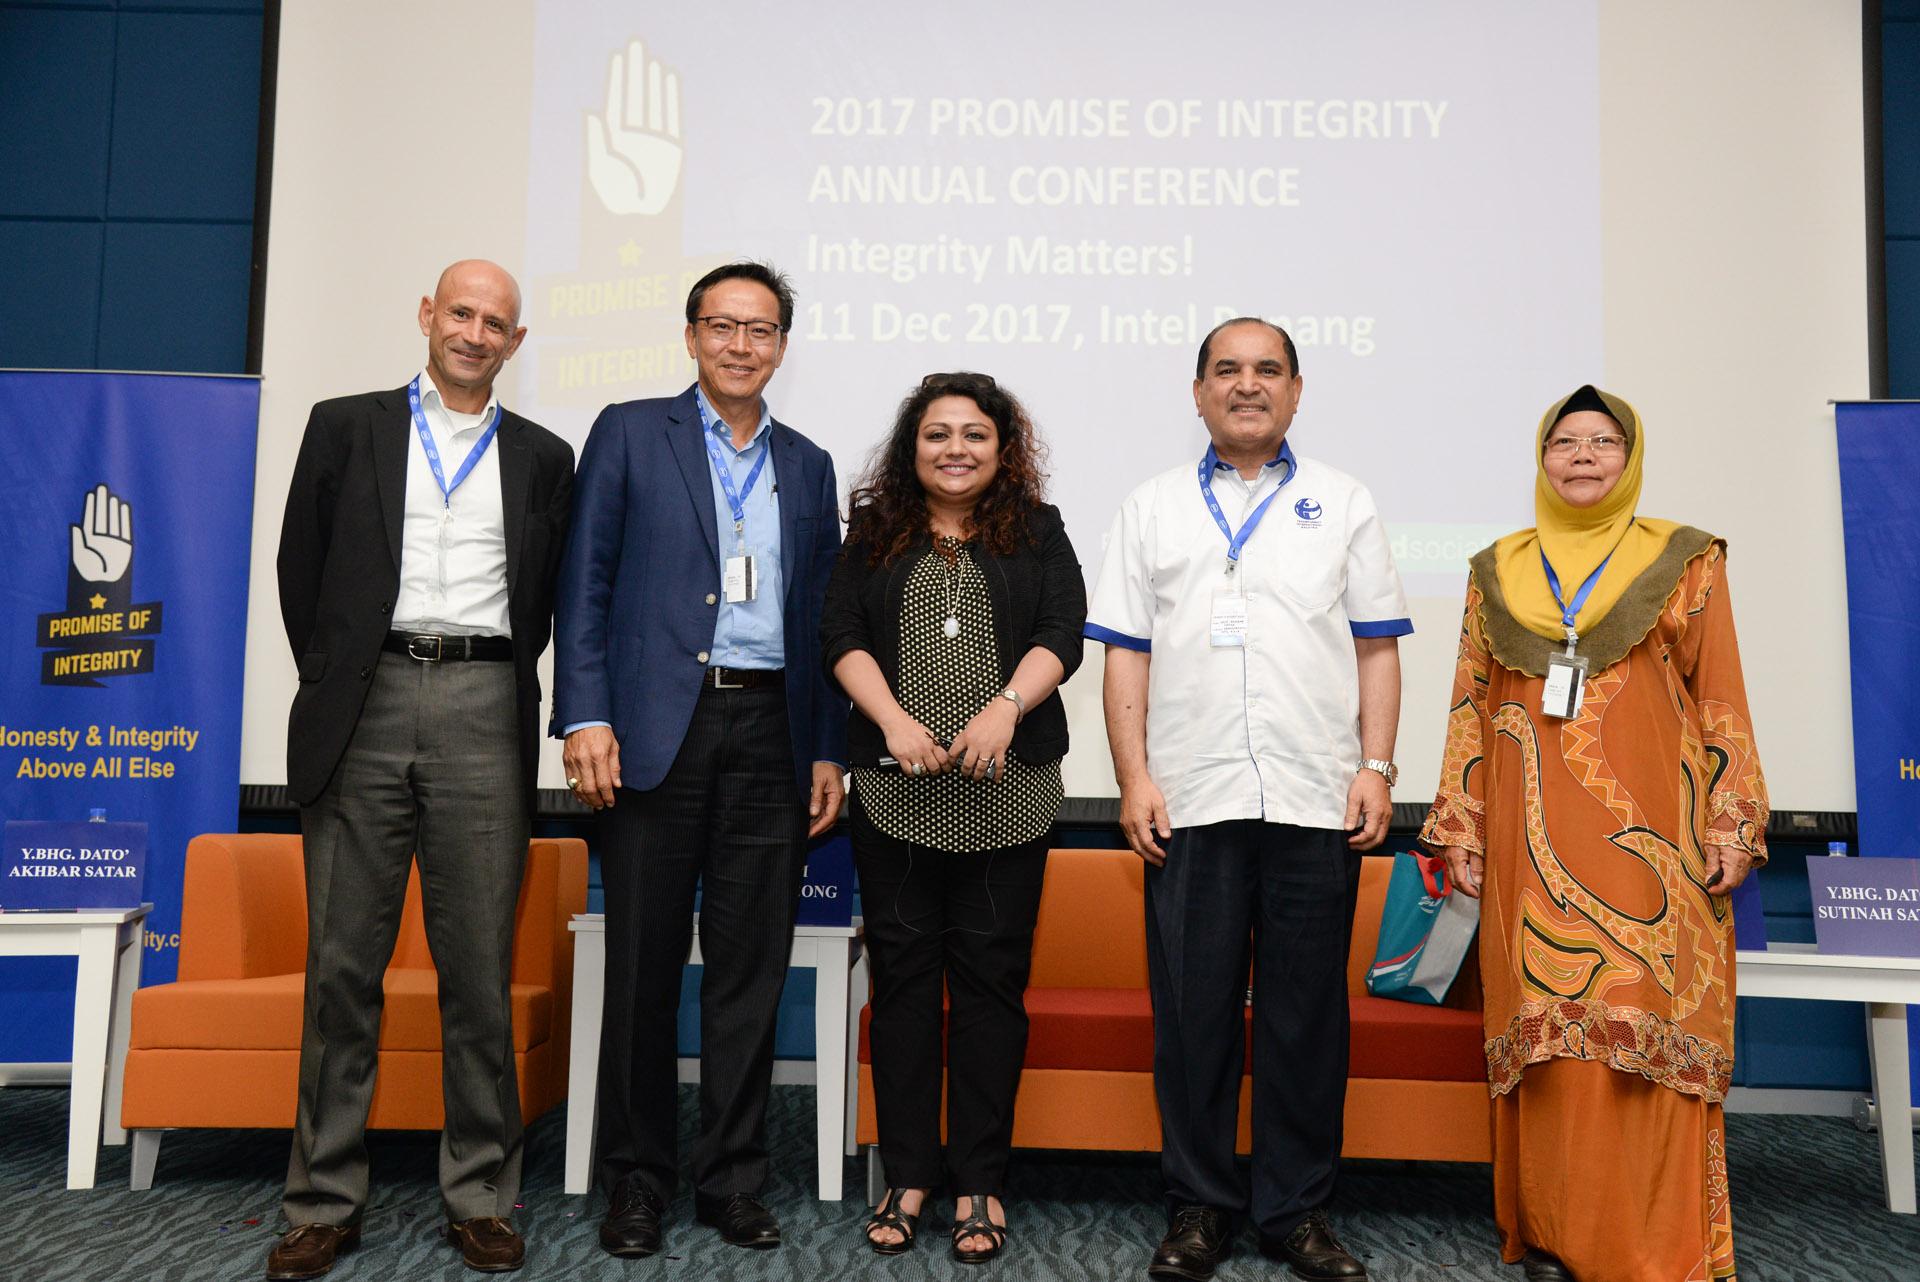 Panel Members (L to R) : Sam Haggag, Lim Bee Leong, Mekhla Basu, Y.Bhg Dato Akhbar Satar, Y.Bhg Dato' Sutinah Sutan